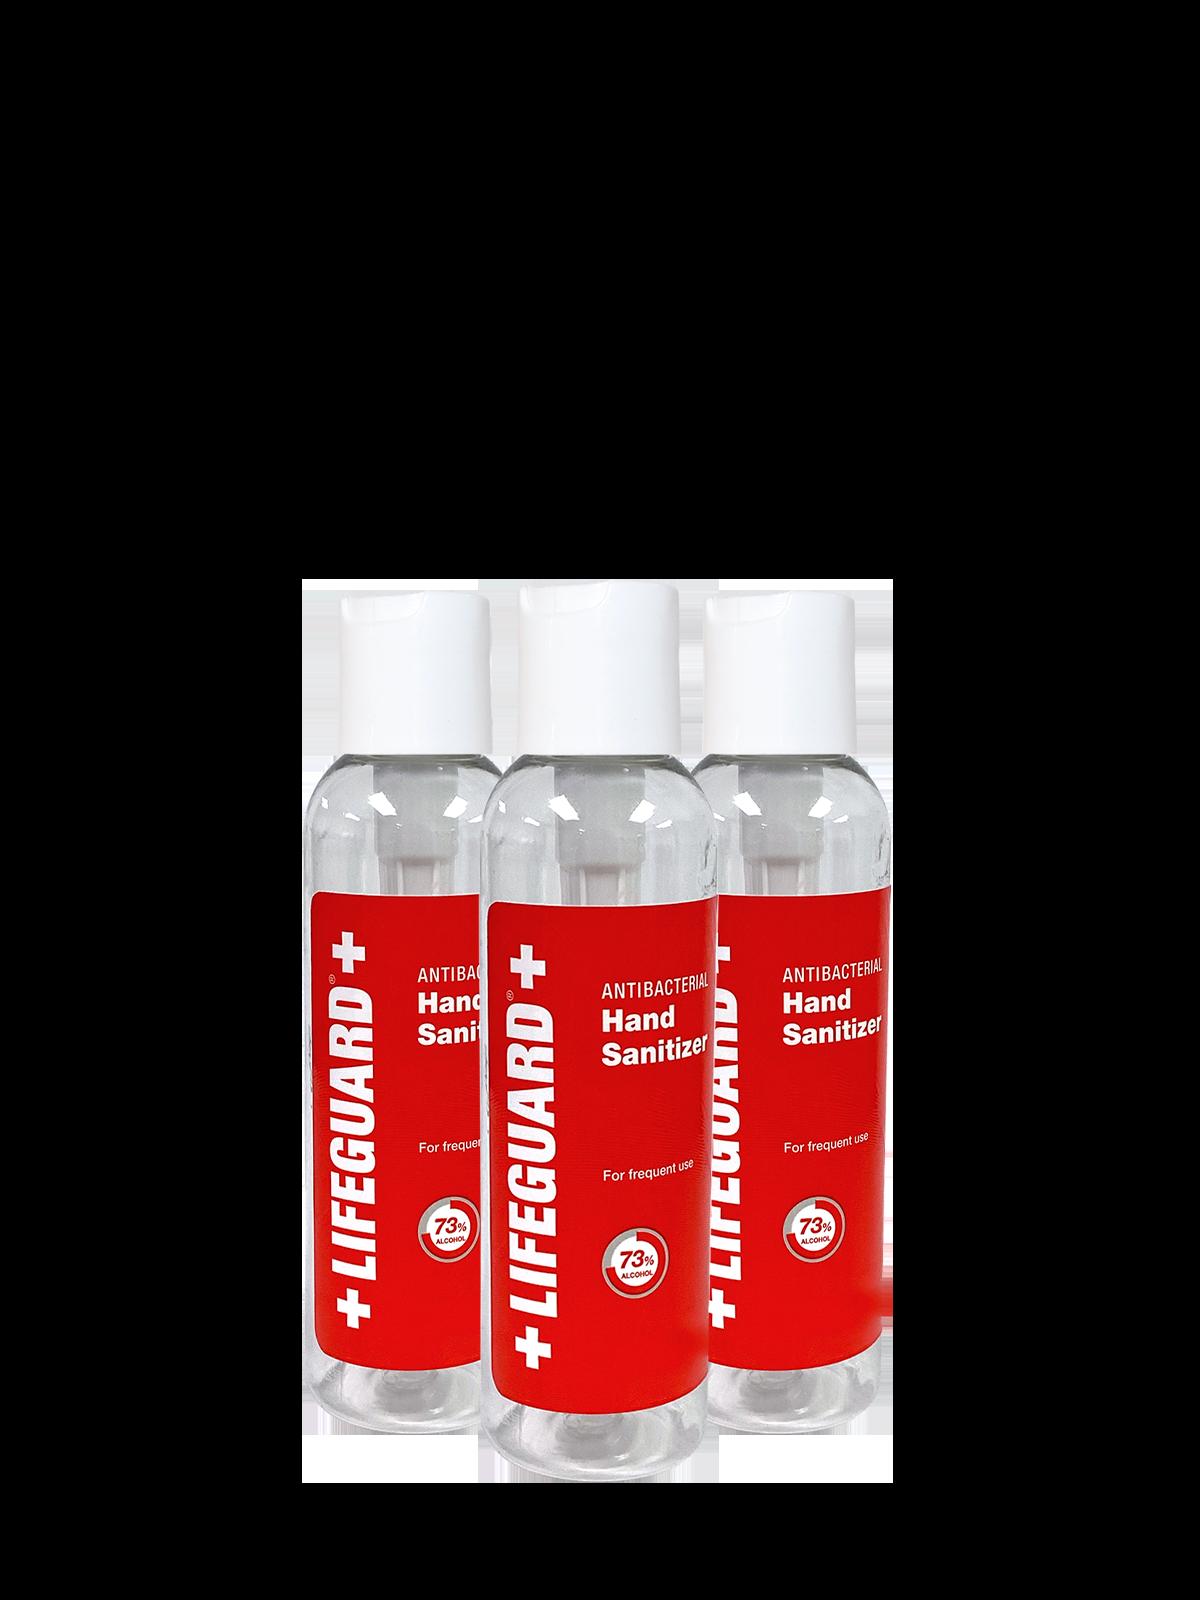 Hand Sanitizer 4 oz. - 96 pieces per case